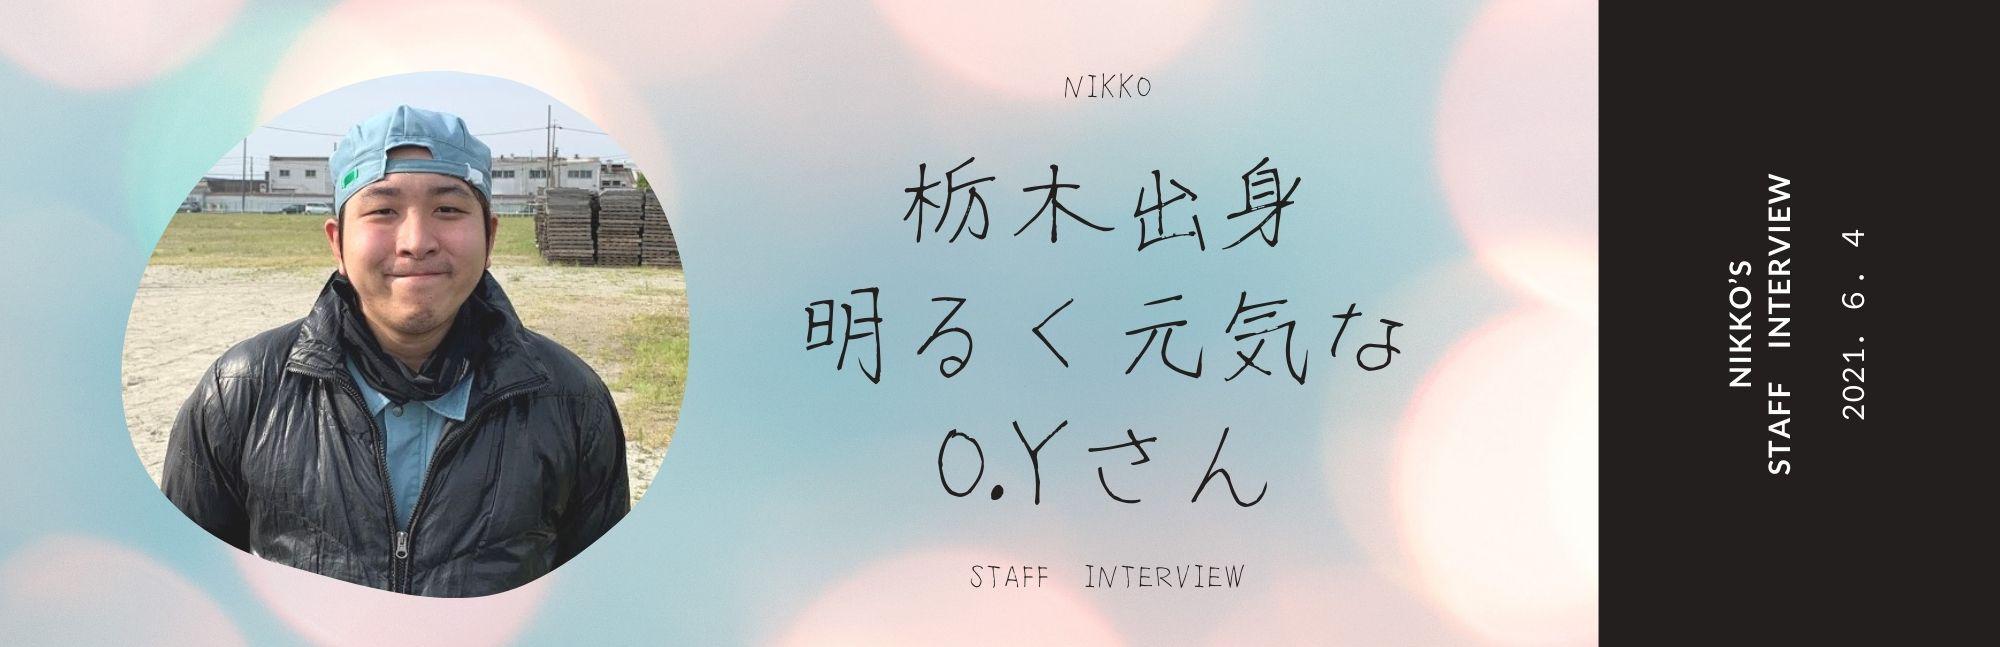 NIKKO's staff interview (1).jpg